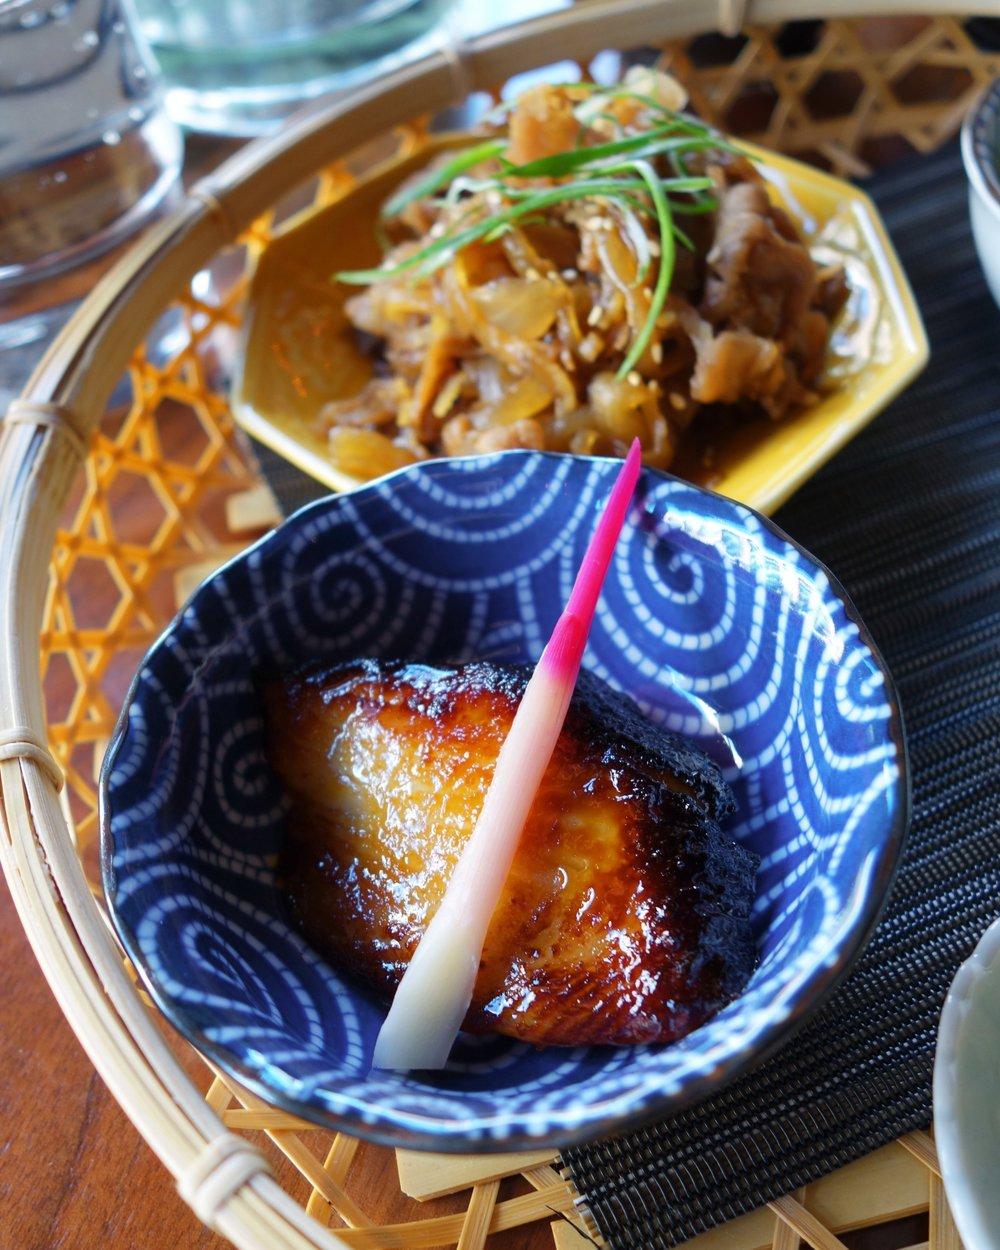 Gindara misozuke from the Megumi set.